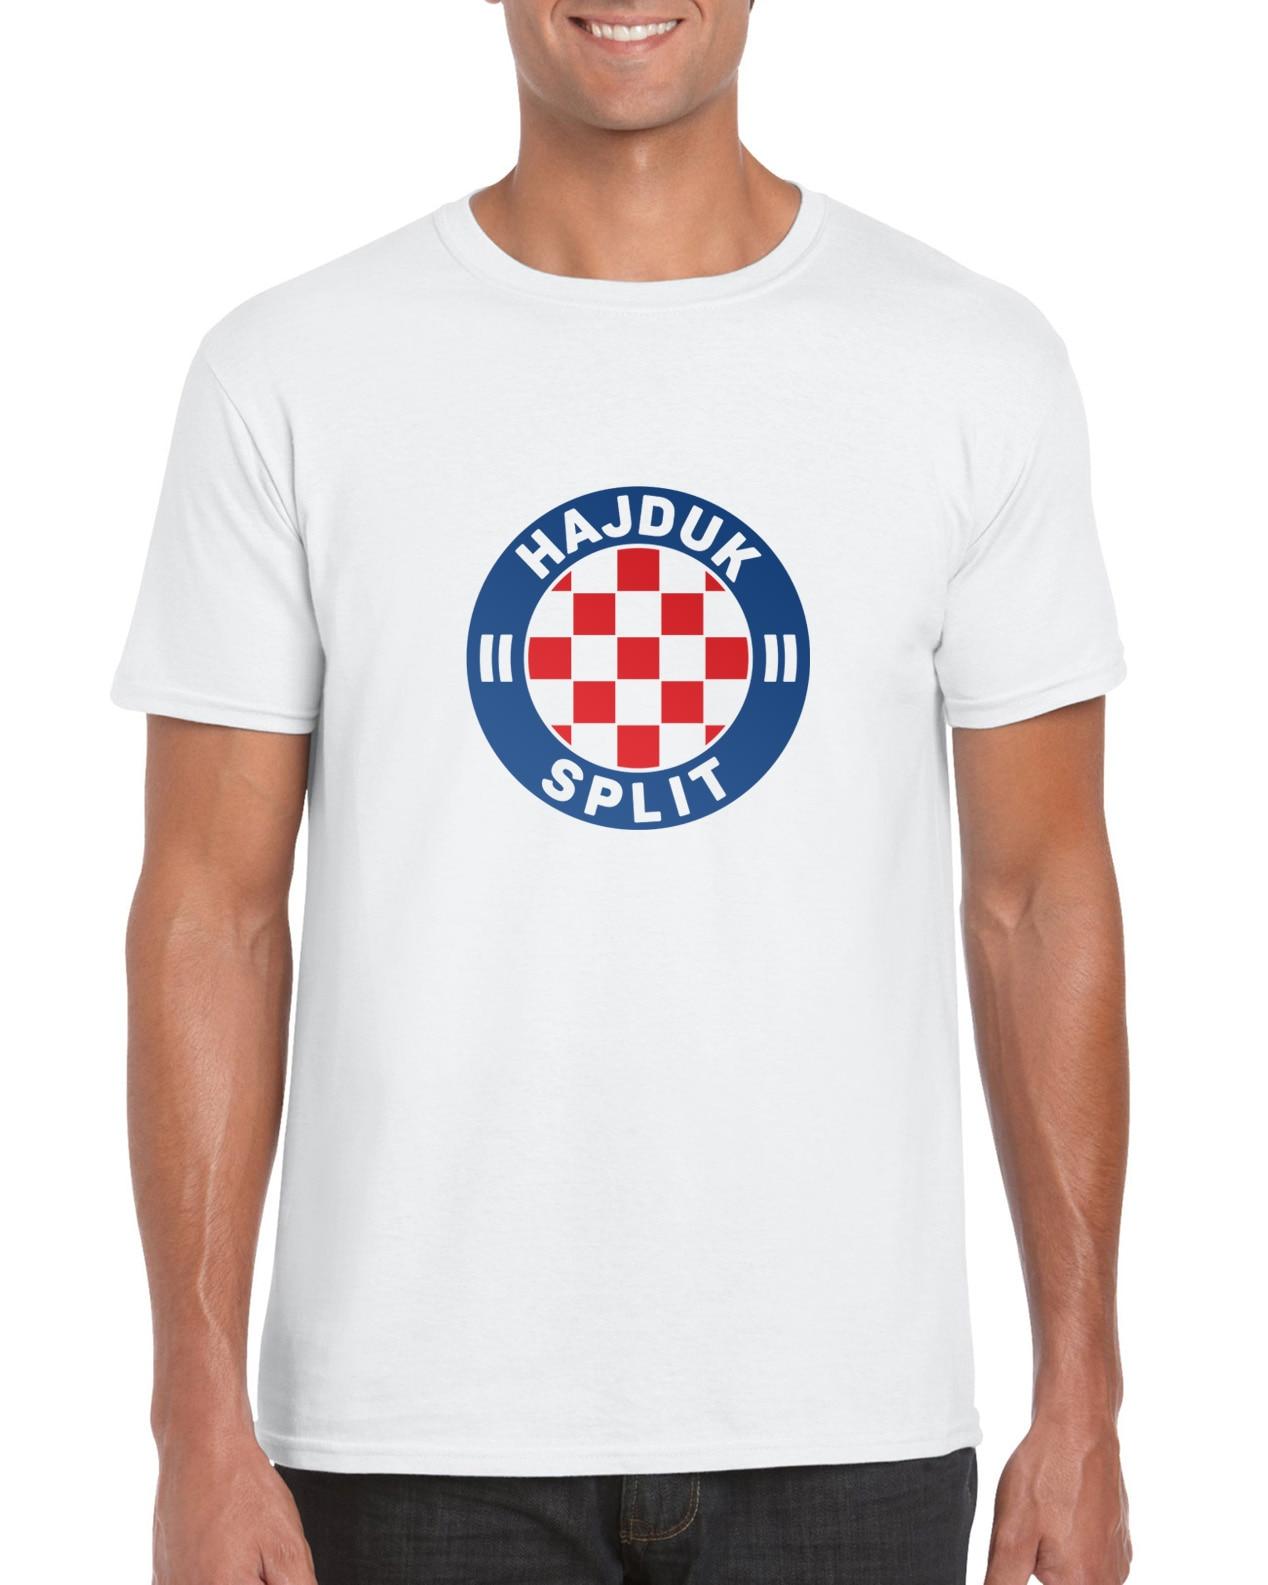 Hajduk Сплит | Хорватия | футбол | клуб | Белый | Fan Made | Футболка модный стиль Мужская футболка, 100% хлопок Классическая футболка